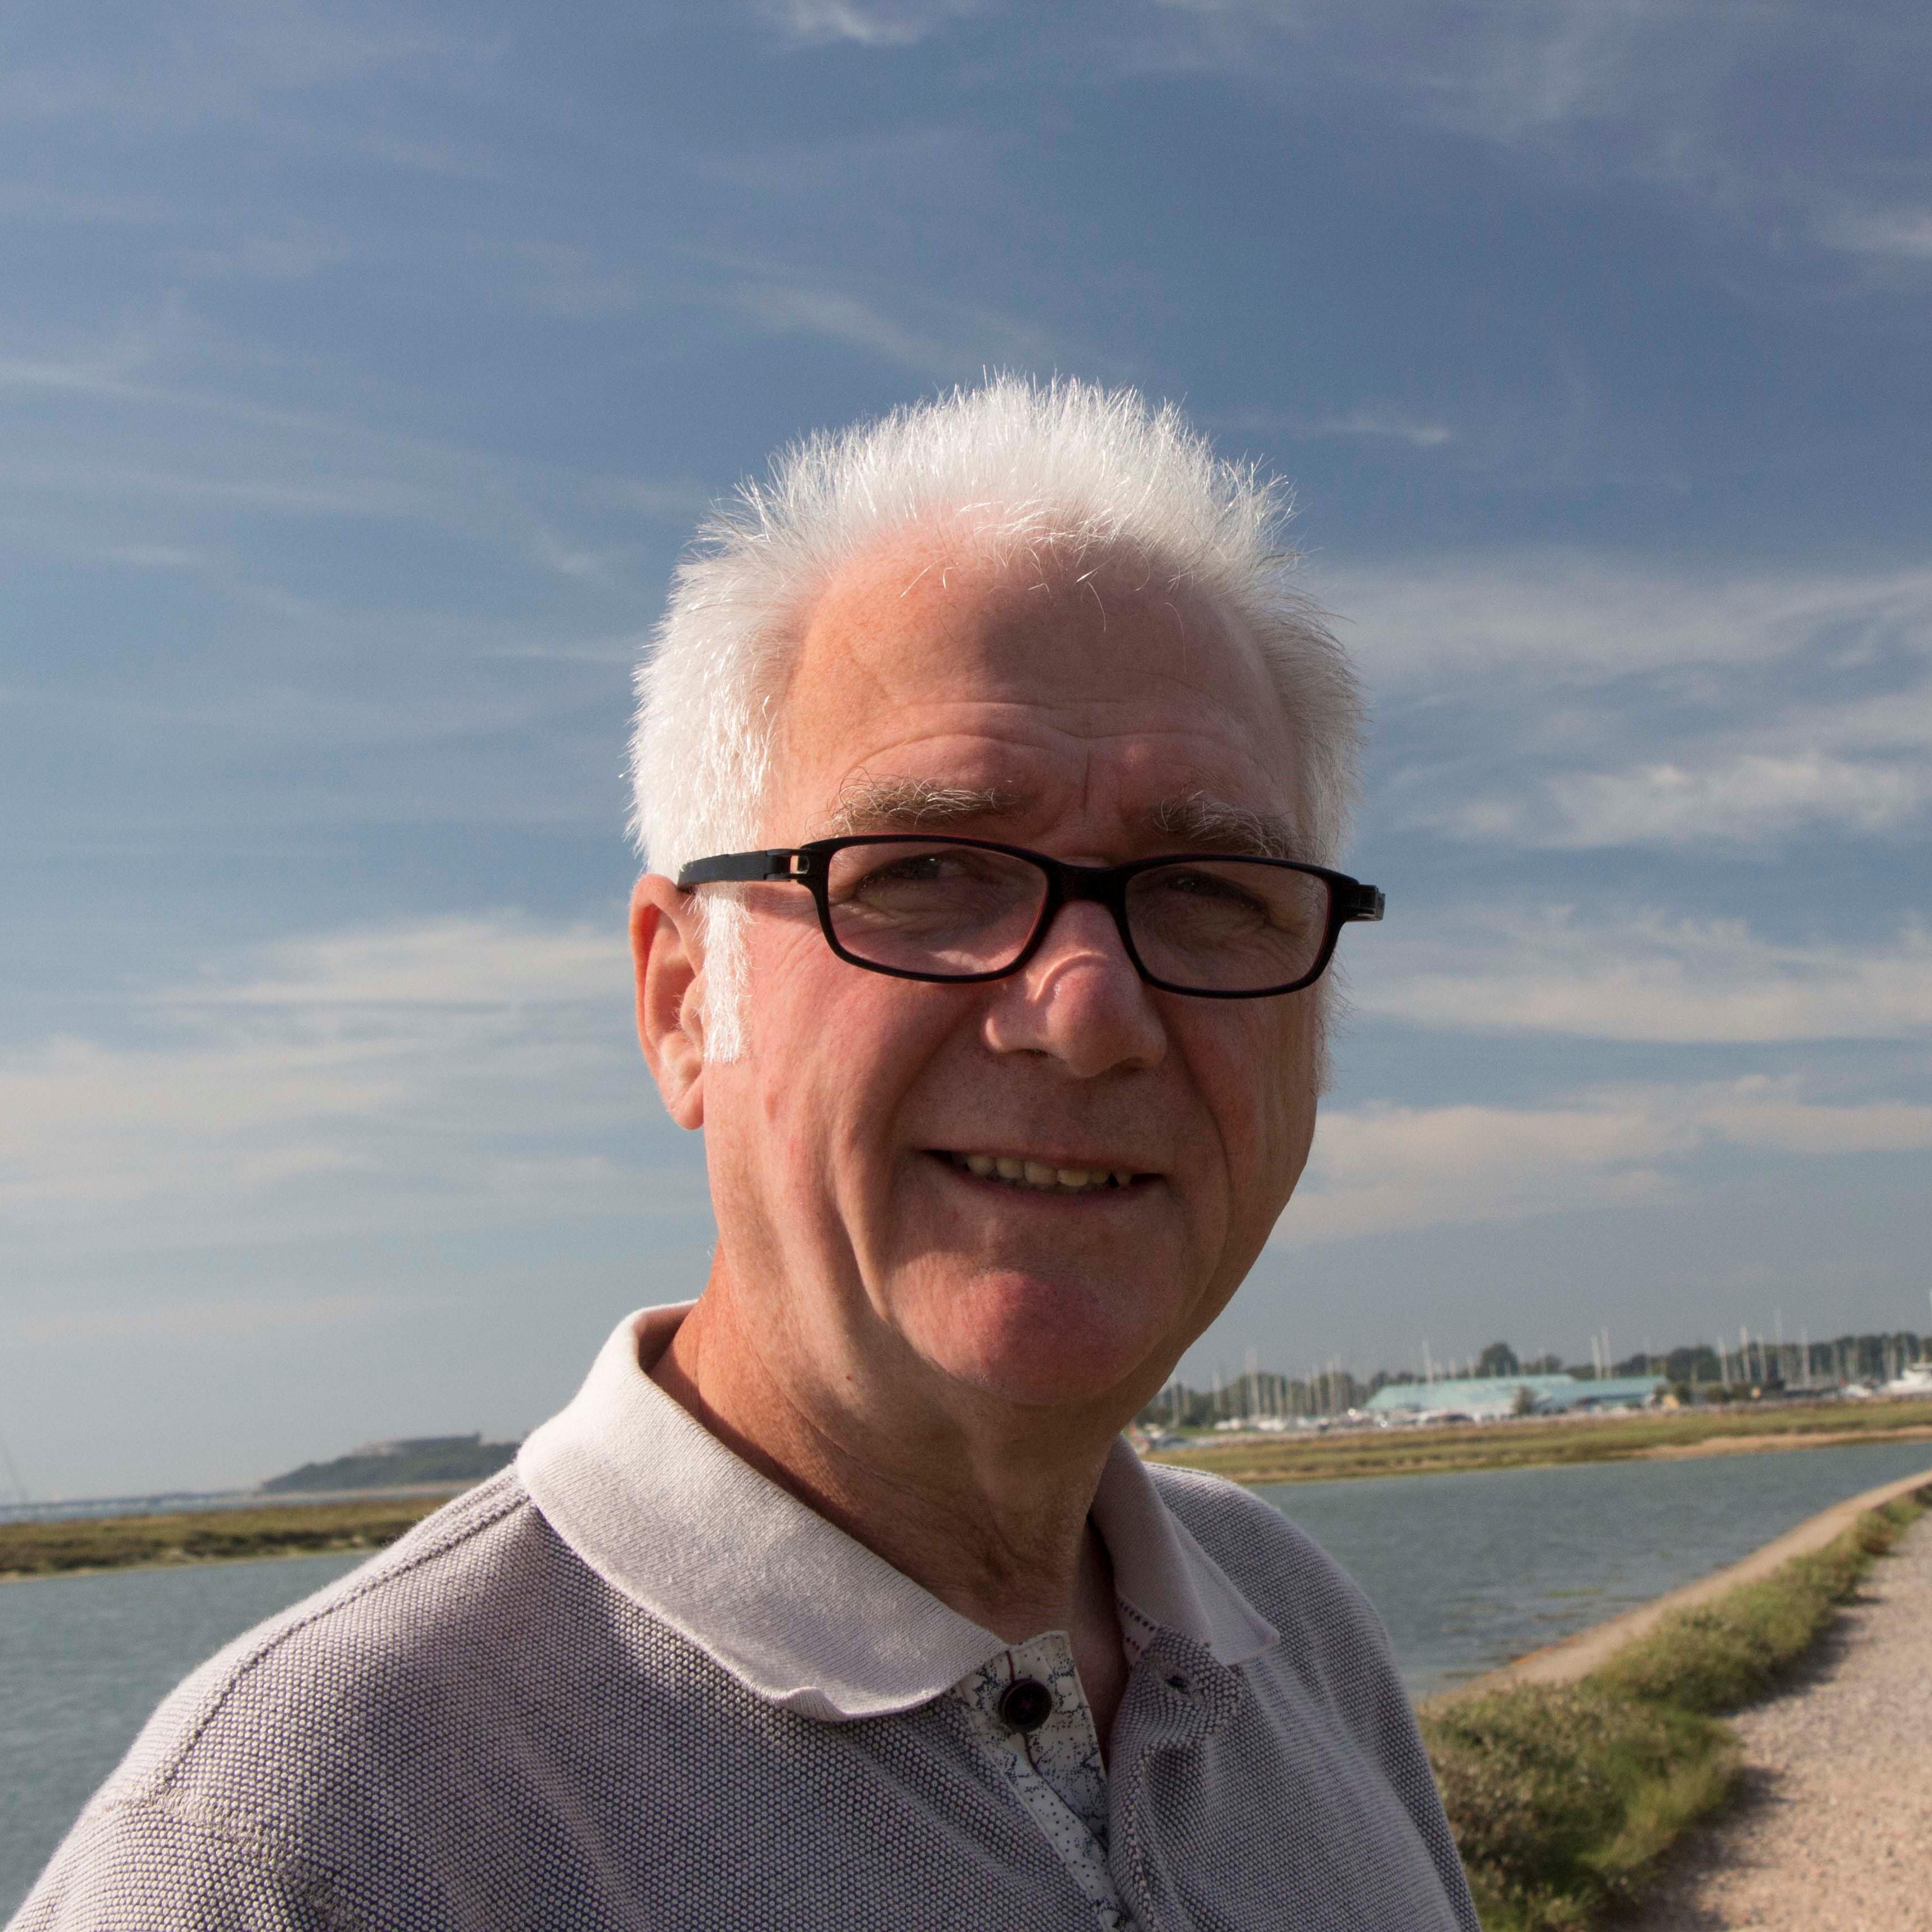 A picture showing Drs René Westbroek